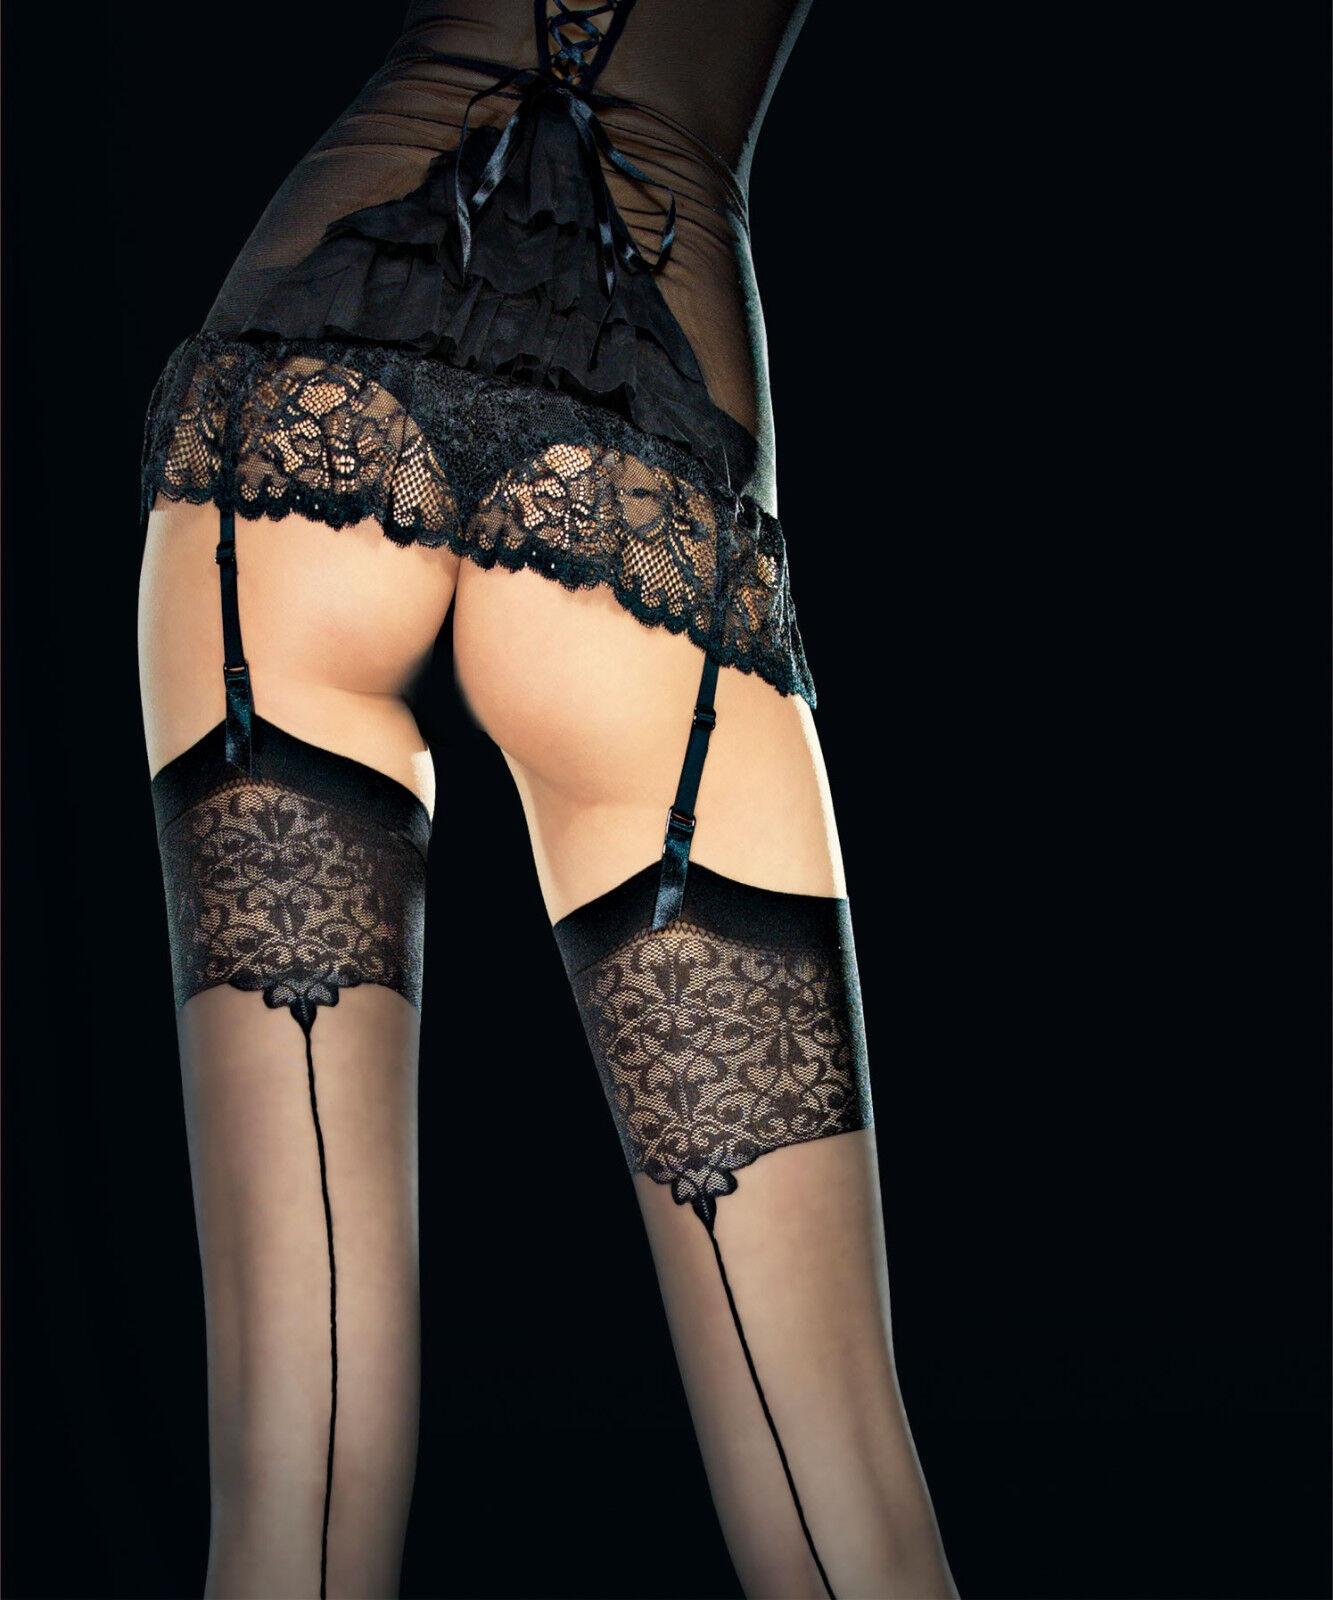 Bas sexy nylon couture Fiore pour porte-jarretelles femme T2 T3 T4 20 den vesper